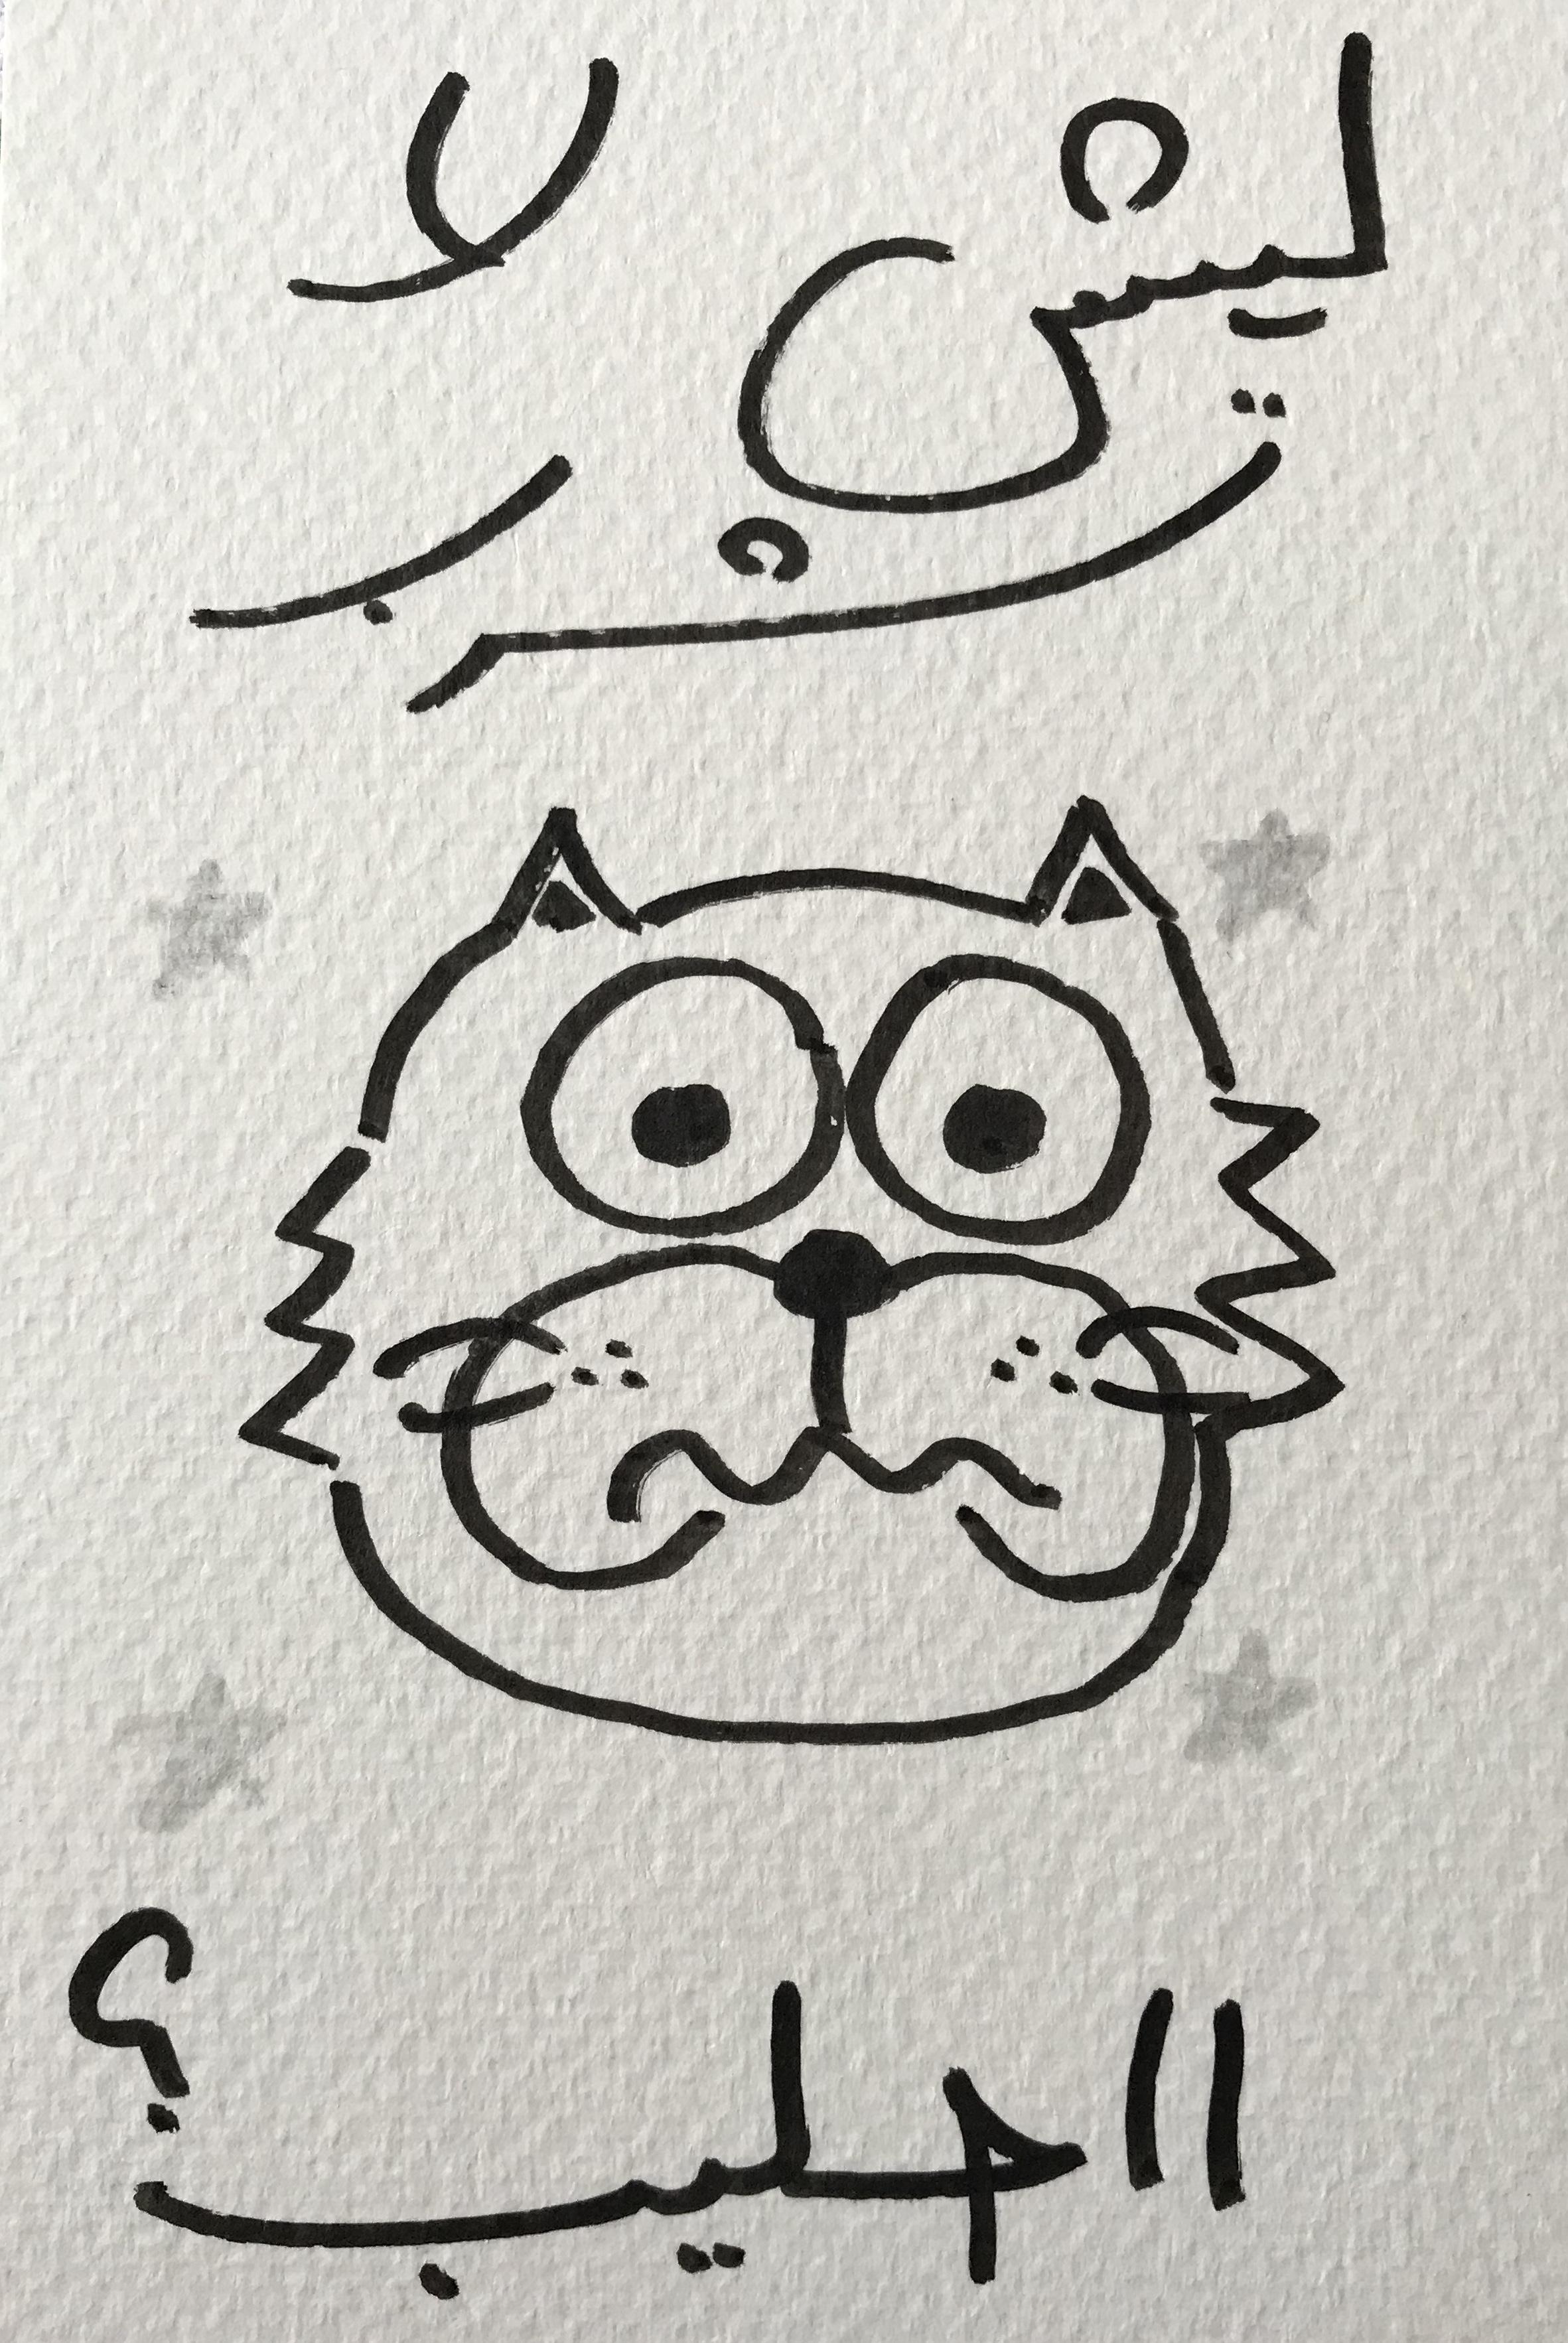 ليش لت نشرب الحليب miylk kitten art postcard marker calligraphy typography kawaii かわいい 描く コミックス ペン オ